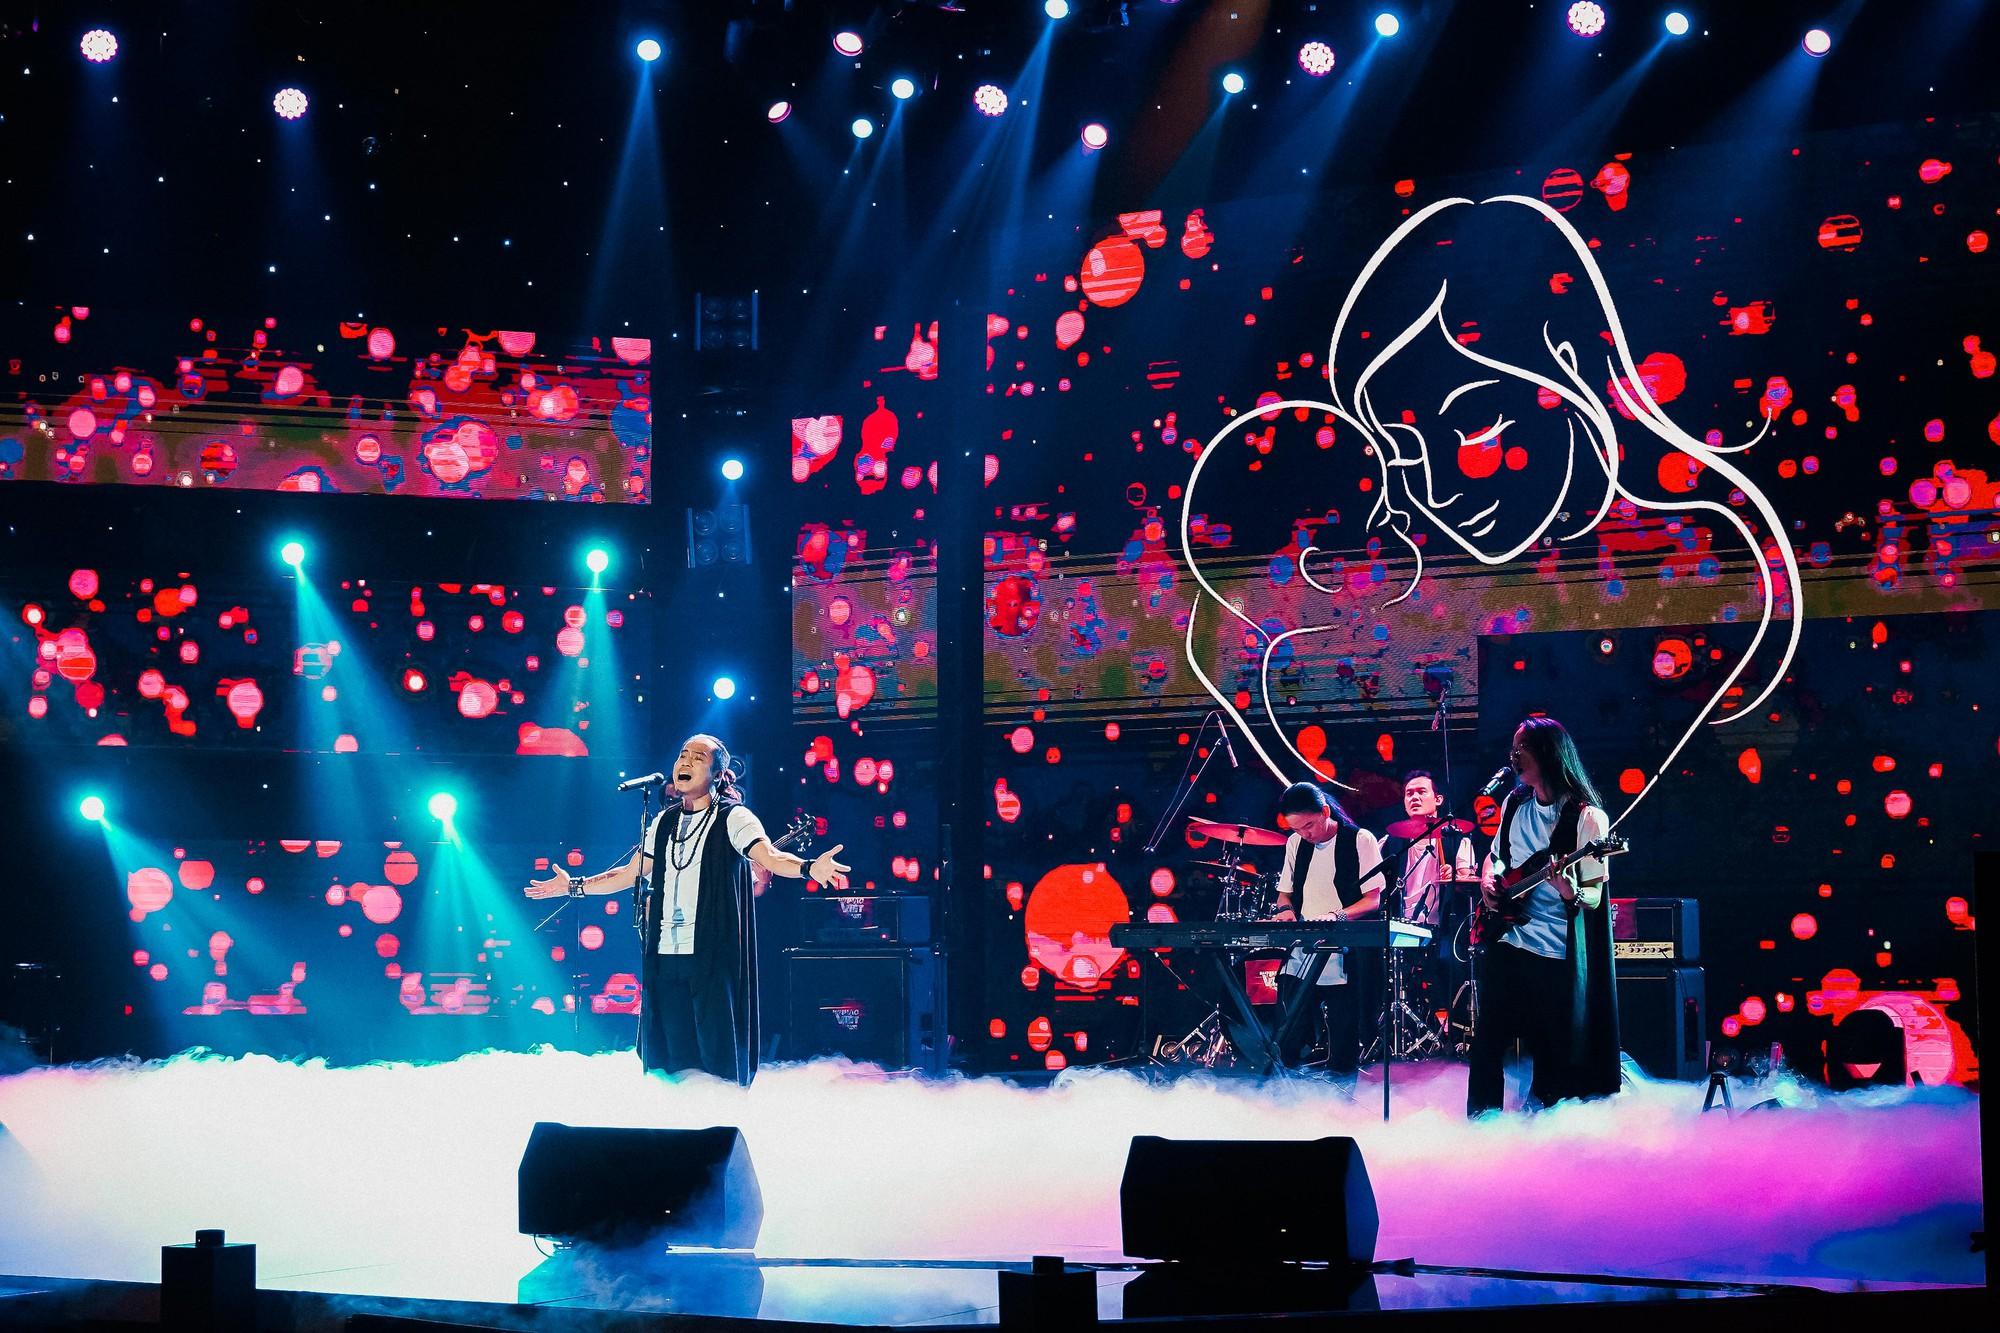 Ban nhạc Việt: Màn trộn lẫn hit Lam Trường, Mỹ Tâm, Phương Vy khiến các giám khảo bàn tán sôi nổi - Ảnh 10.